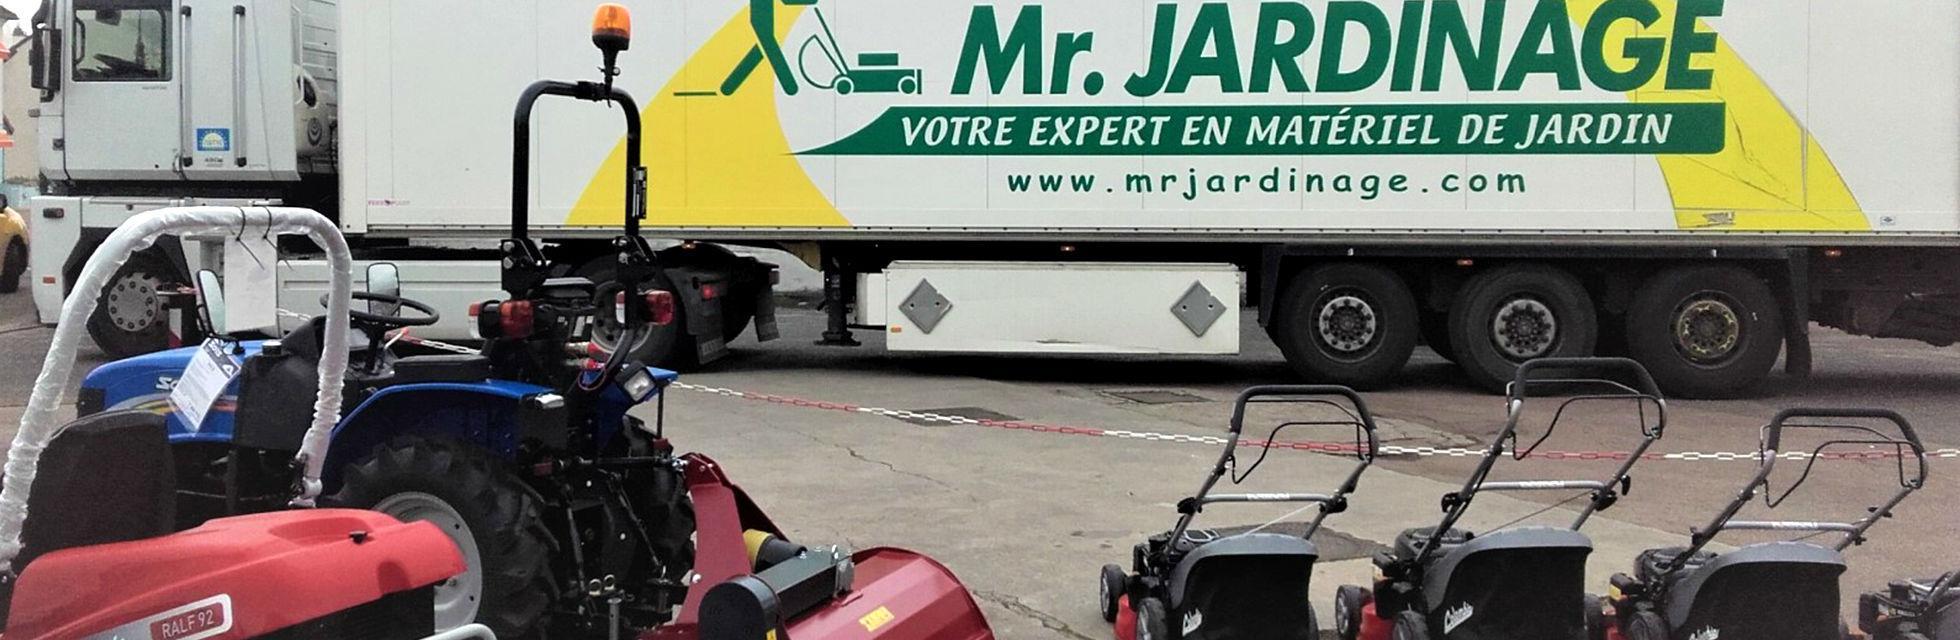 Jardinage Decize, Jardinage Imphy, Motoculture, Tondeuse ... tout Location Materiel De Jardin